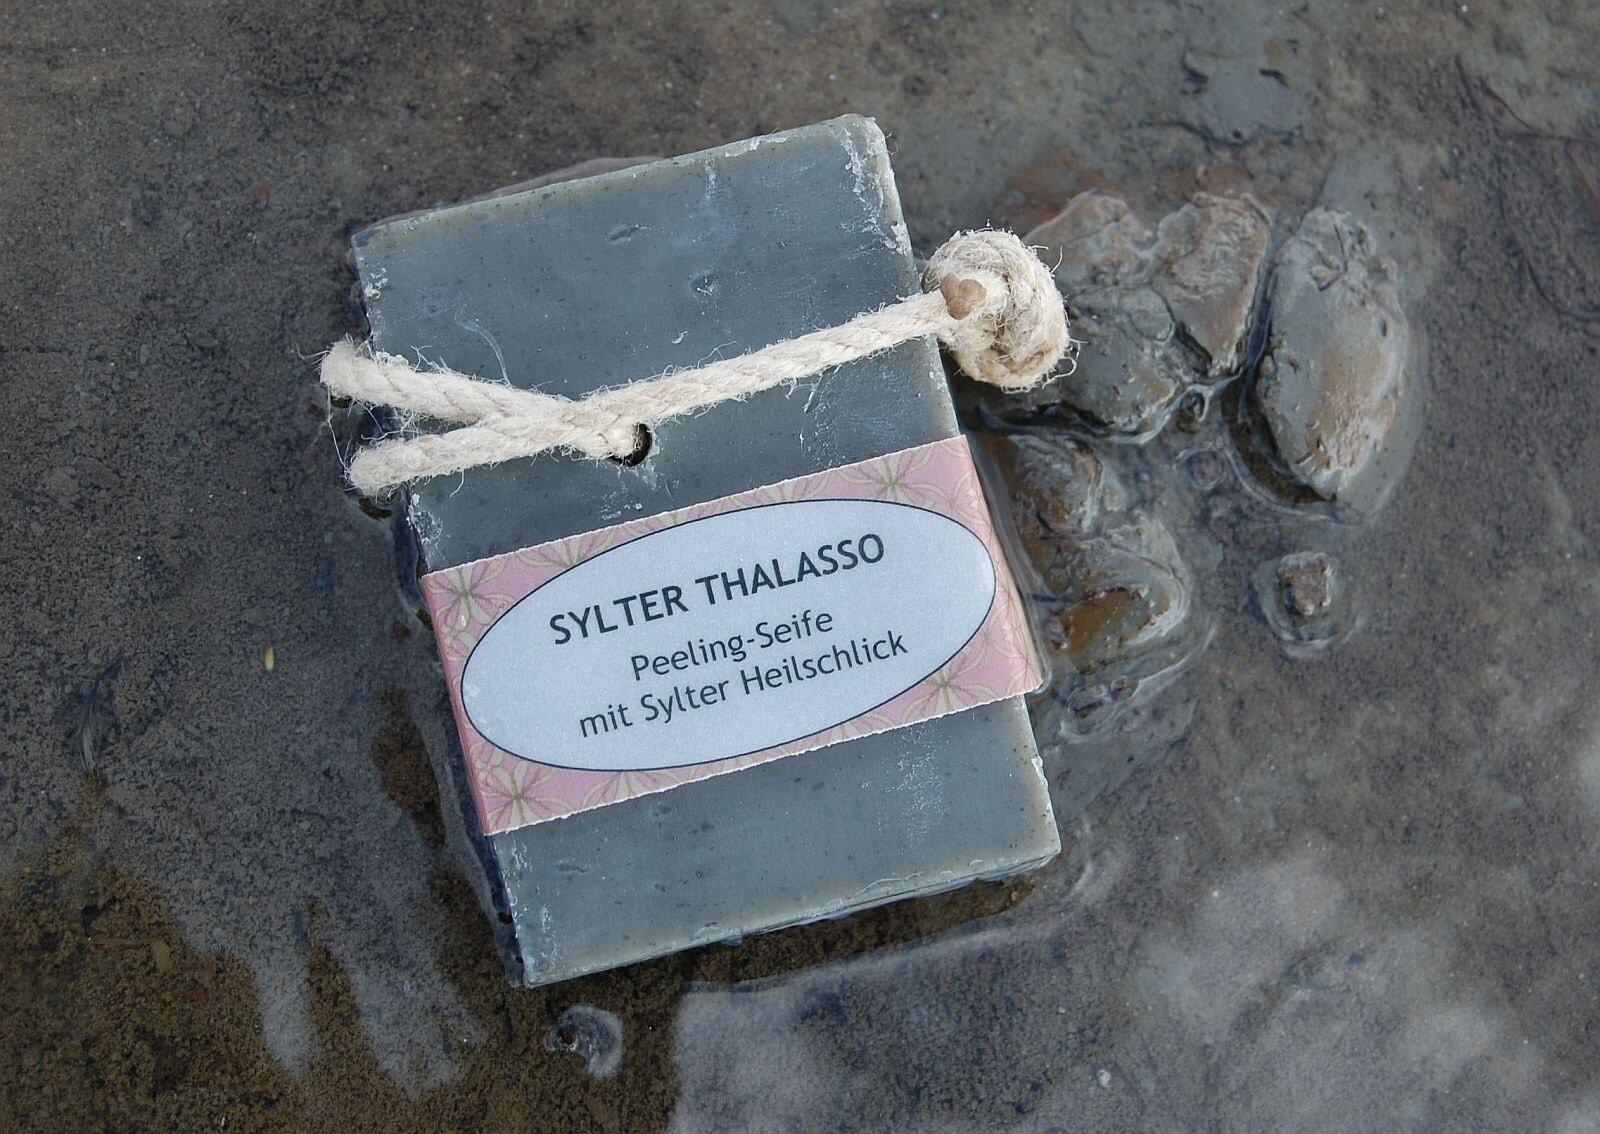 Sylter Thalasso Seife